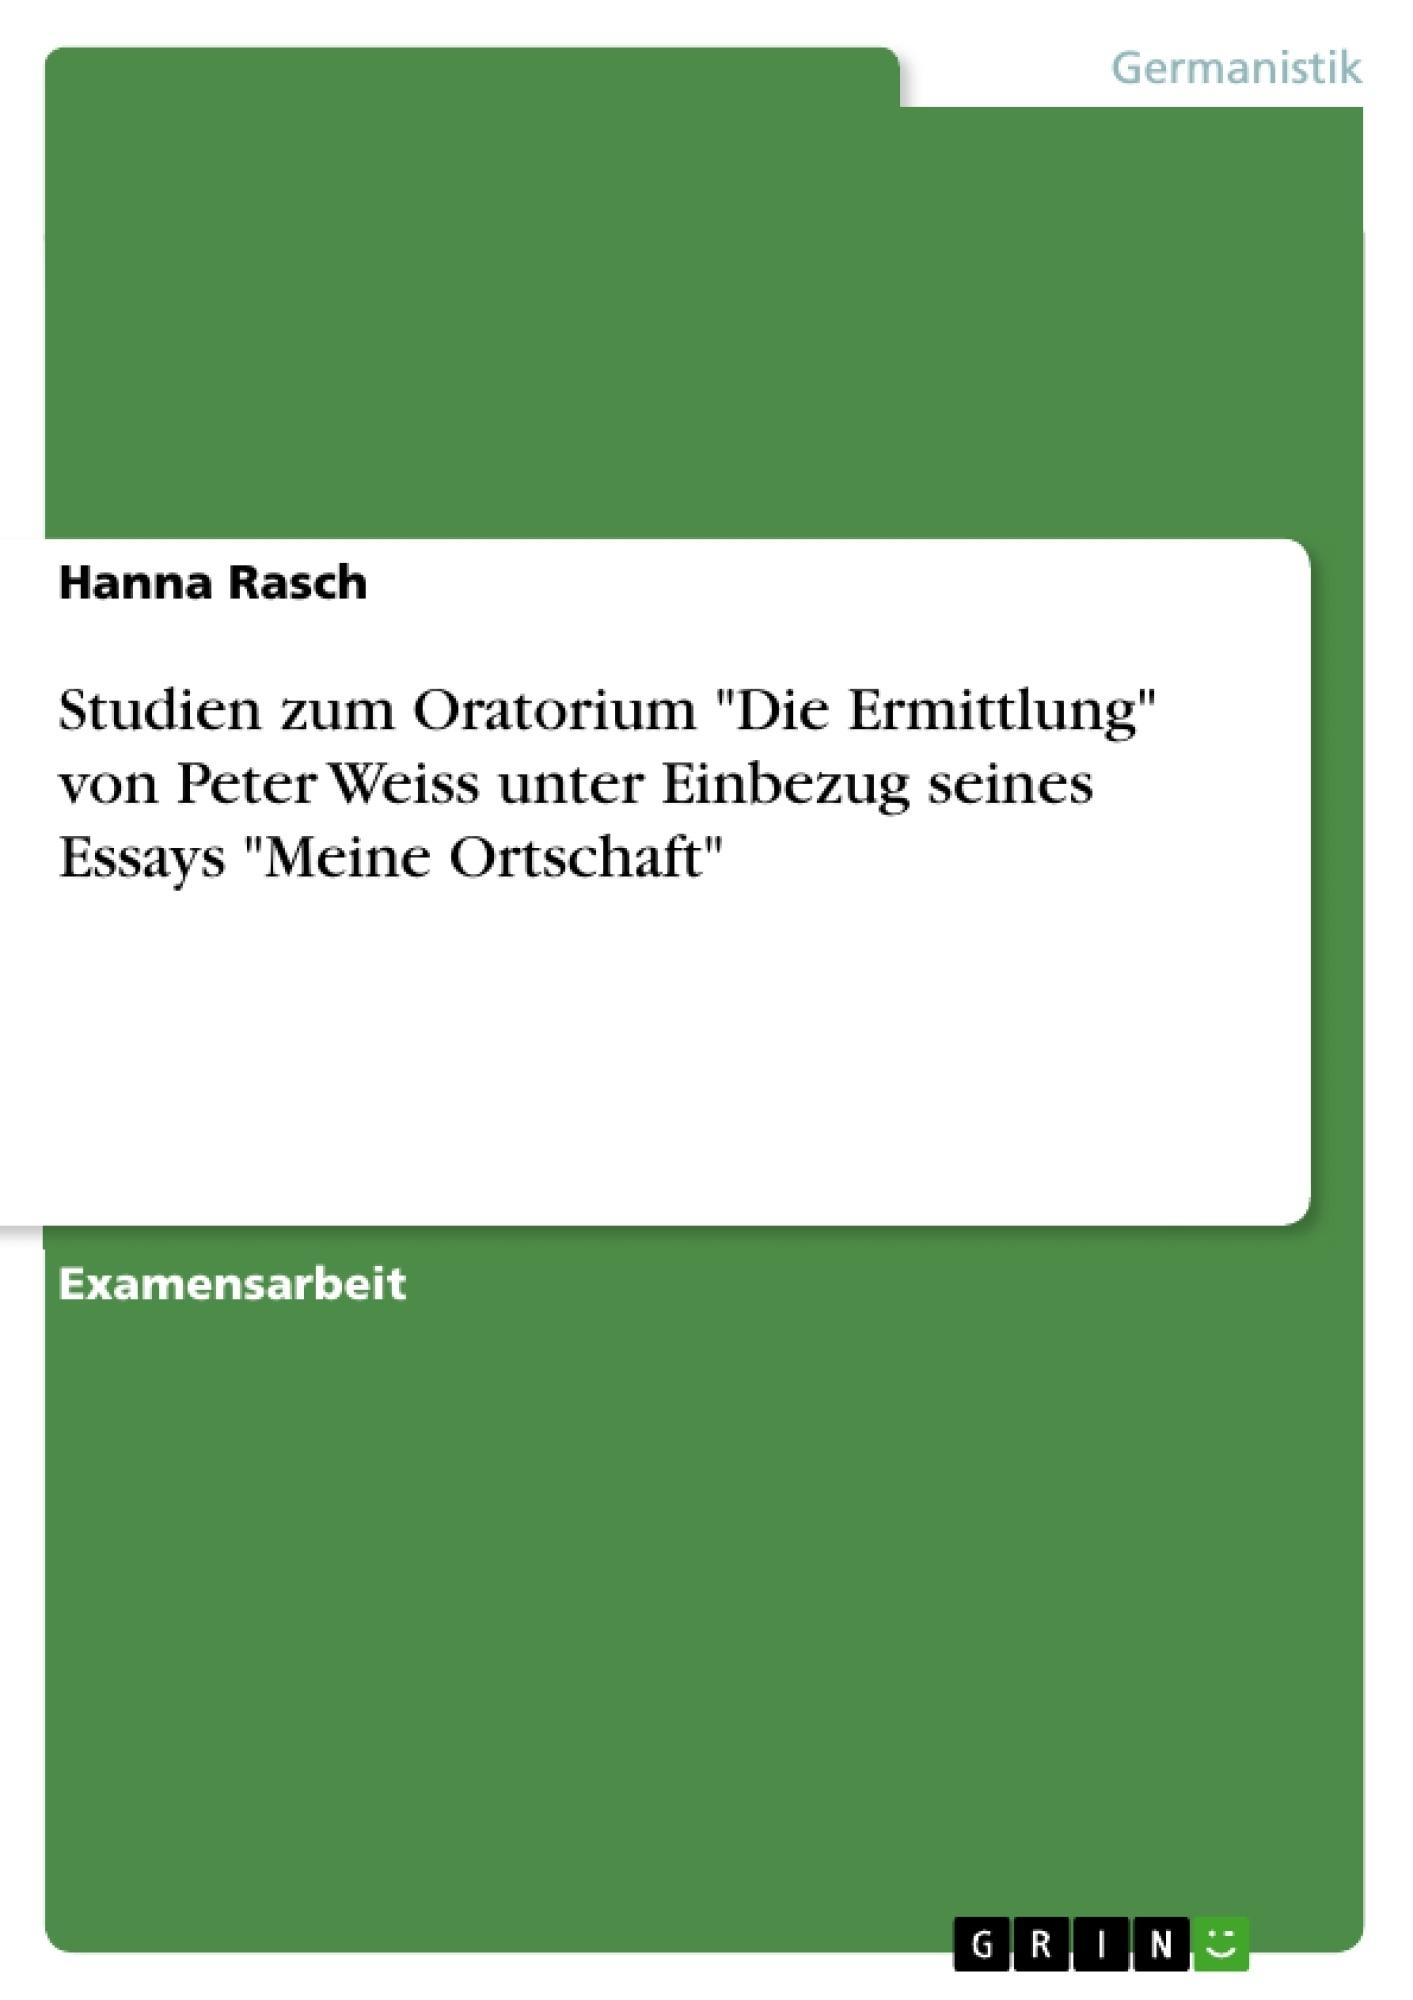 """Titel: Studien zum Oratorium """"Die Ermittlung"""" von Peter Weiss unter Einbezug seines Essays """"Meine Ortschaft"""""""